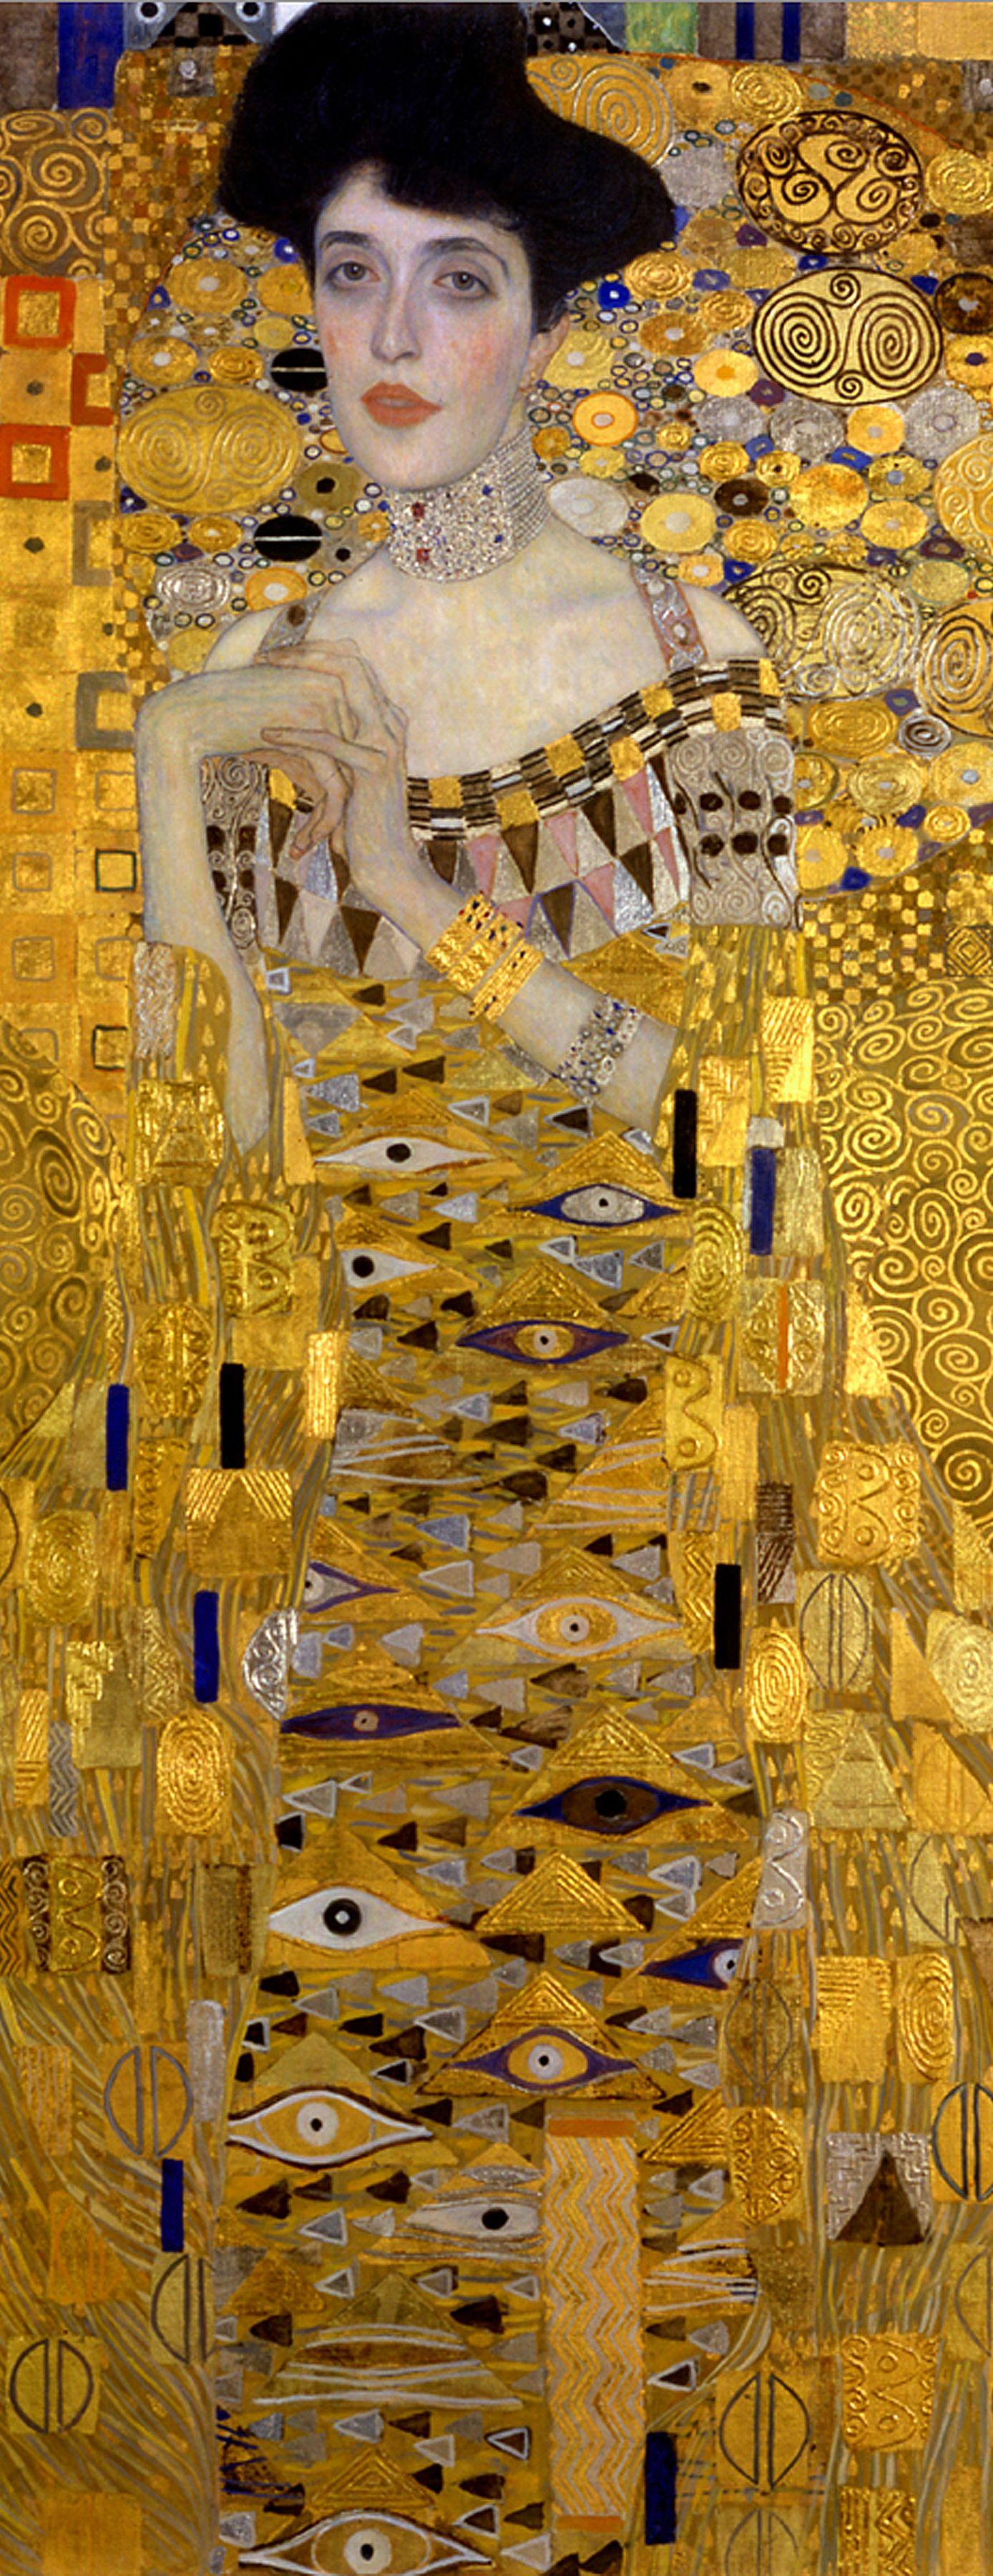 gustav klimt 39 adele bloch bauer i 39 1907 detail klimt pinterest klimt adele and mycenaean. Black Bedroom Furniture Sets. Home Design Ideas